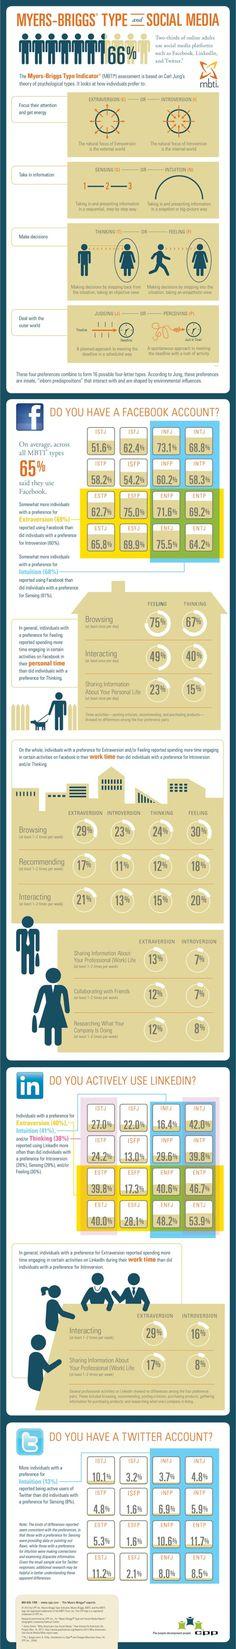 Social Media und Persönlichkeitstypen: Wer sind die bevorzugten Nutzer?